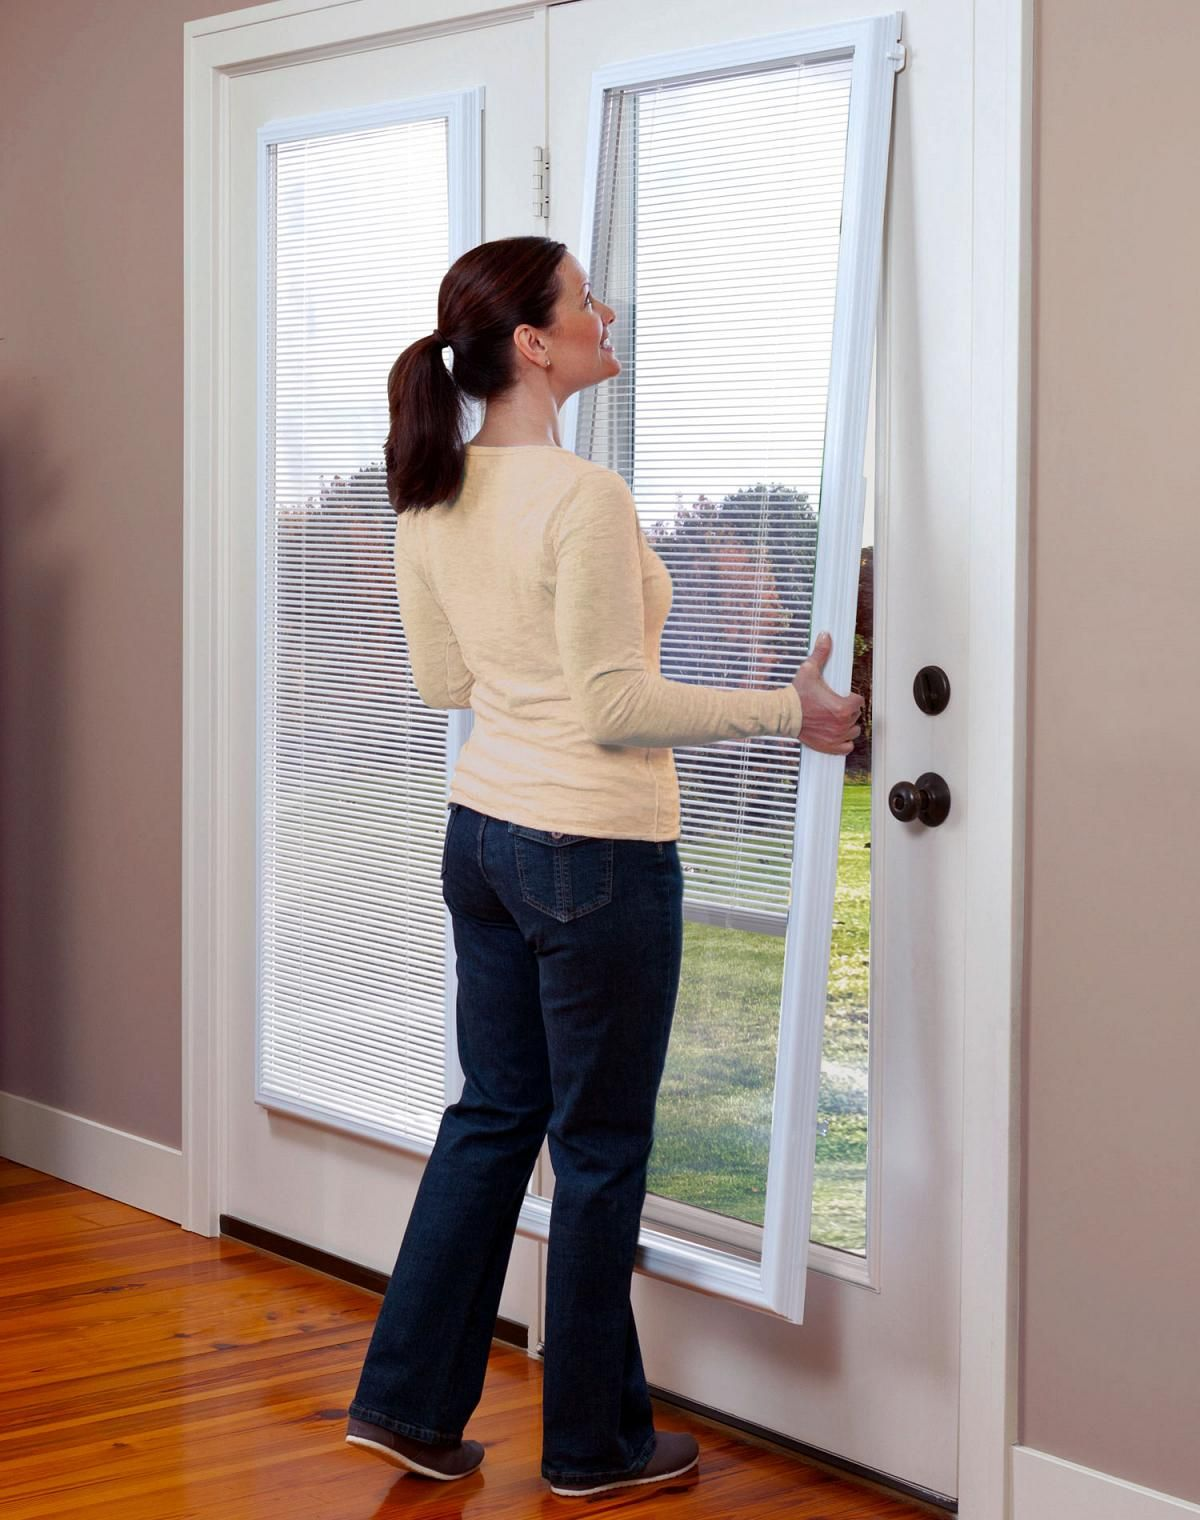 Window coverings for sliding doors  odl addon blinds for doors  dining room  pinterest  doors door